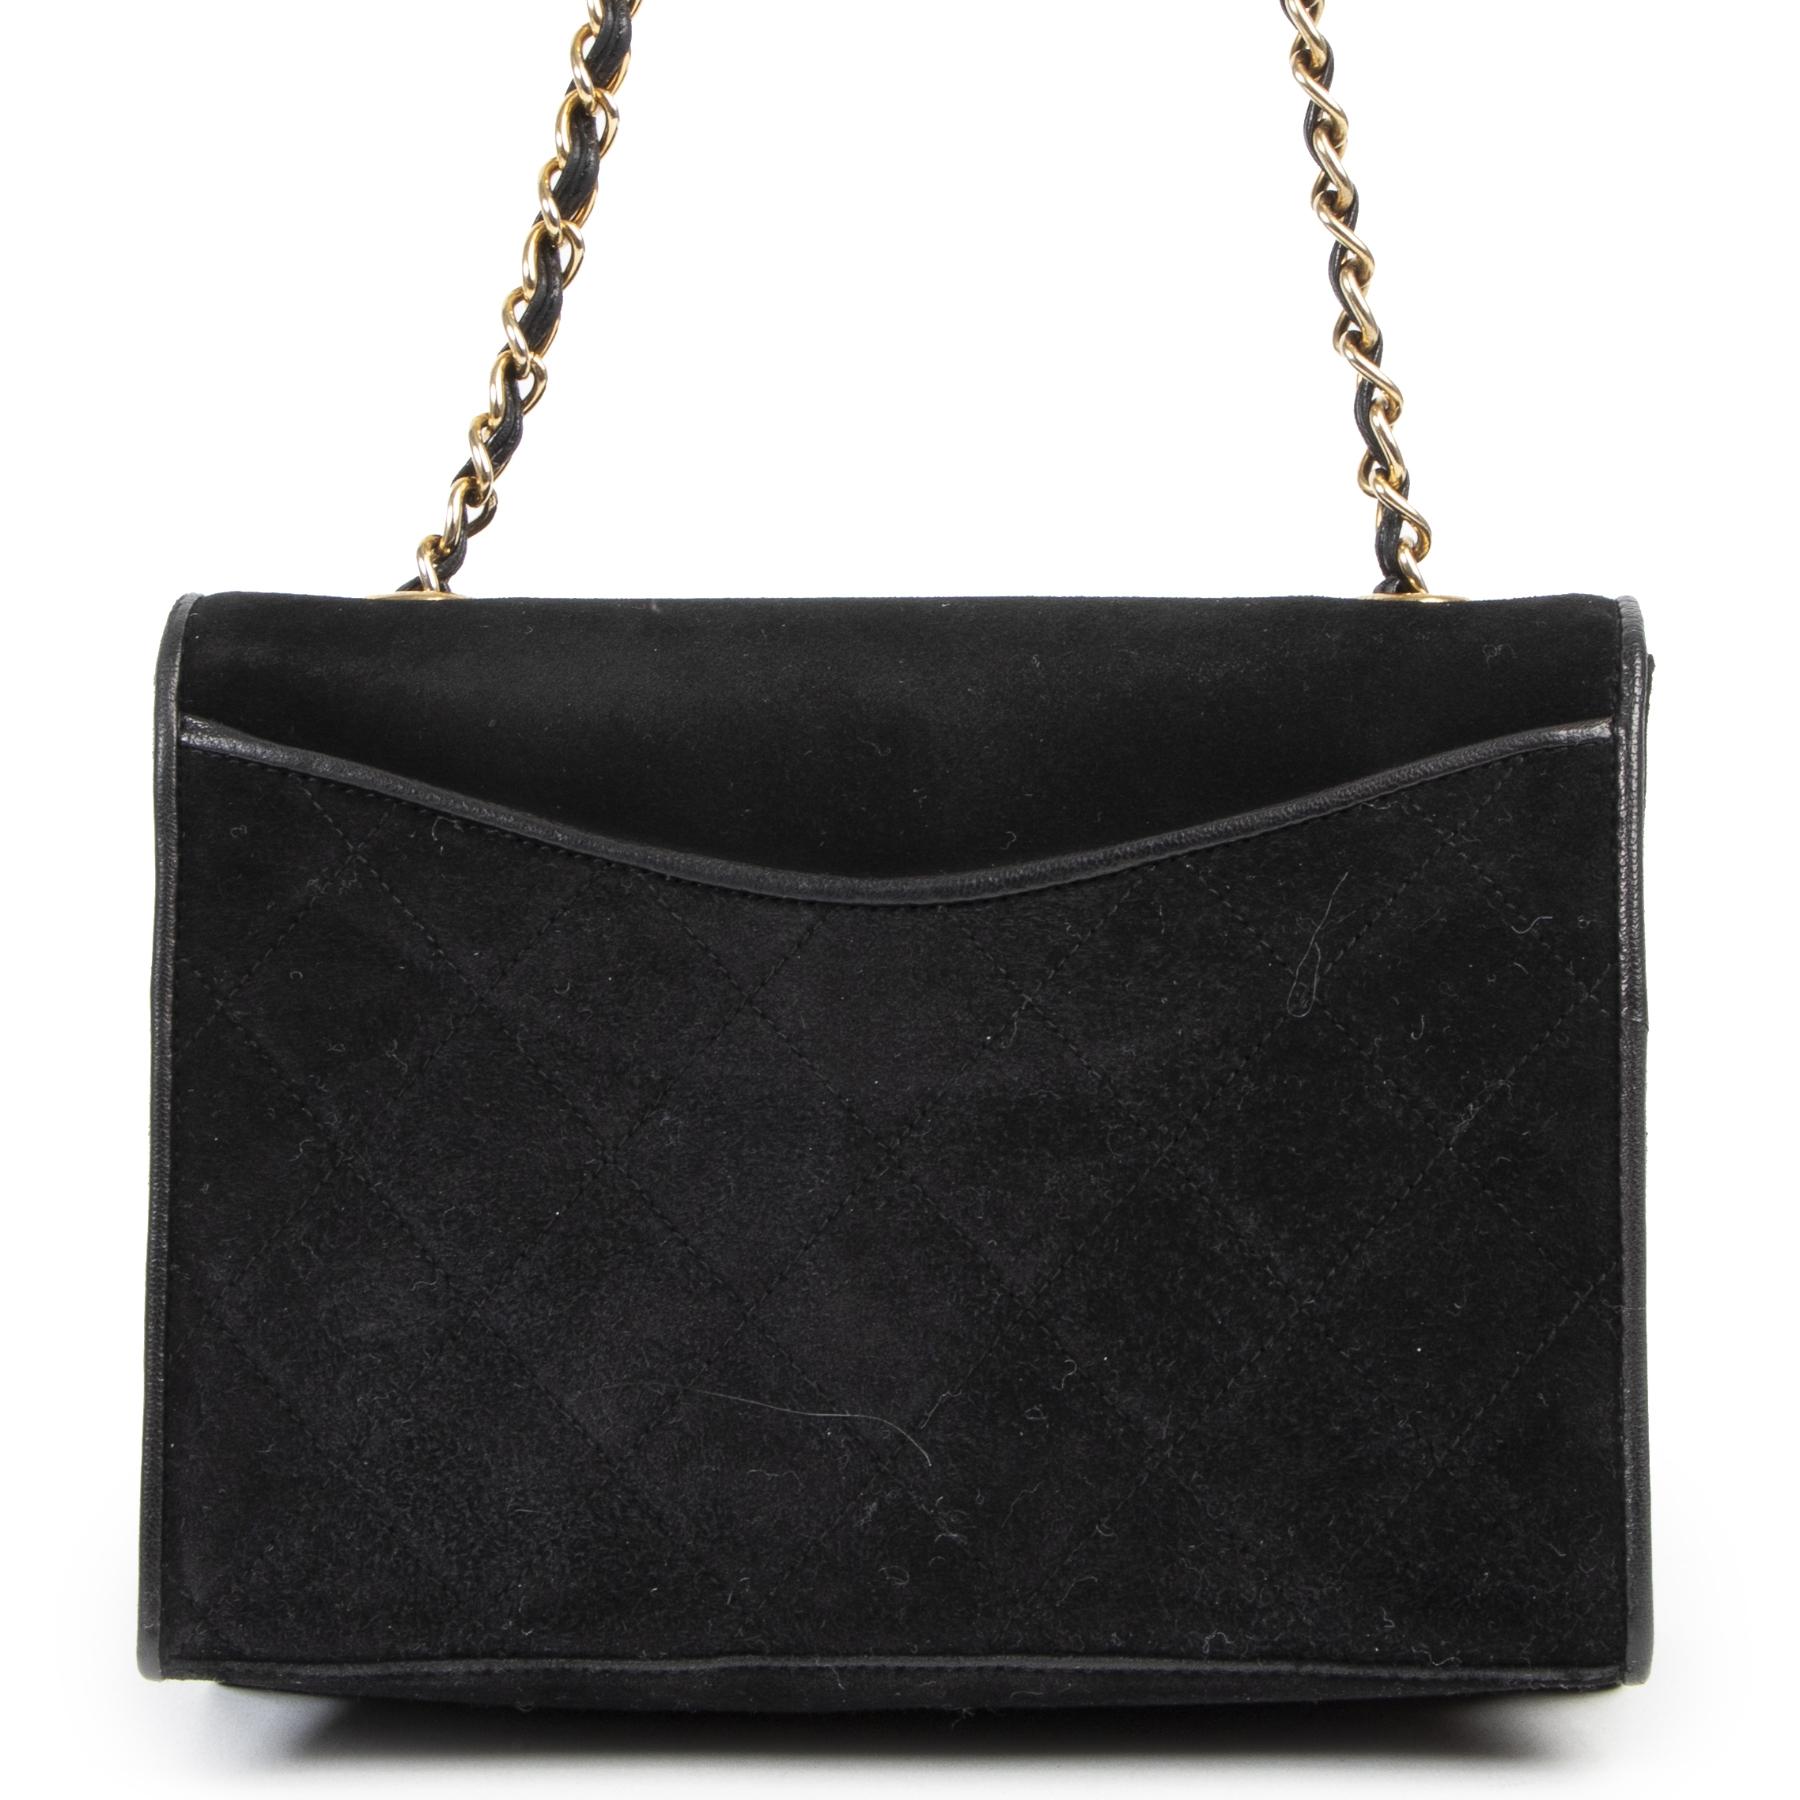 koop Chanel Vintage Suede Flap Bag